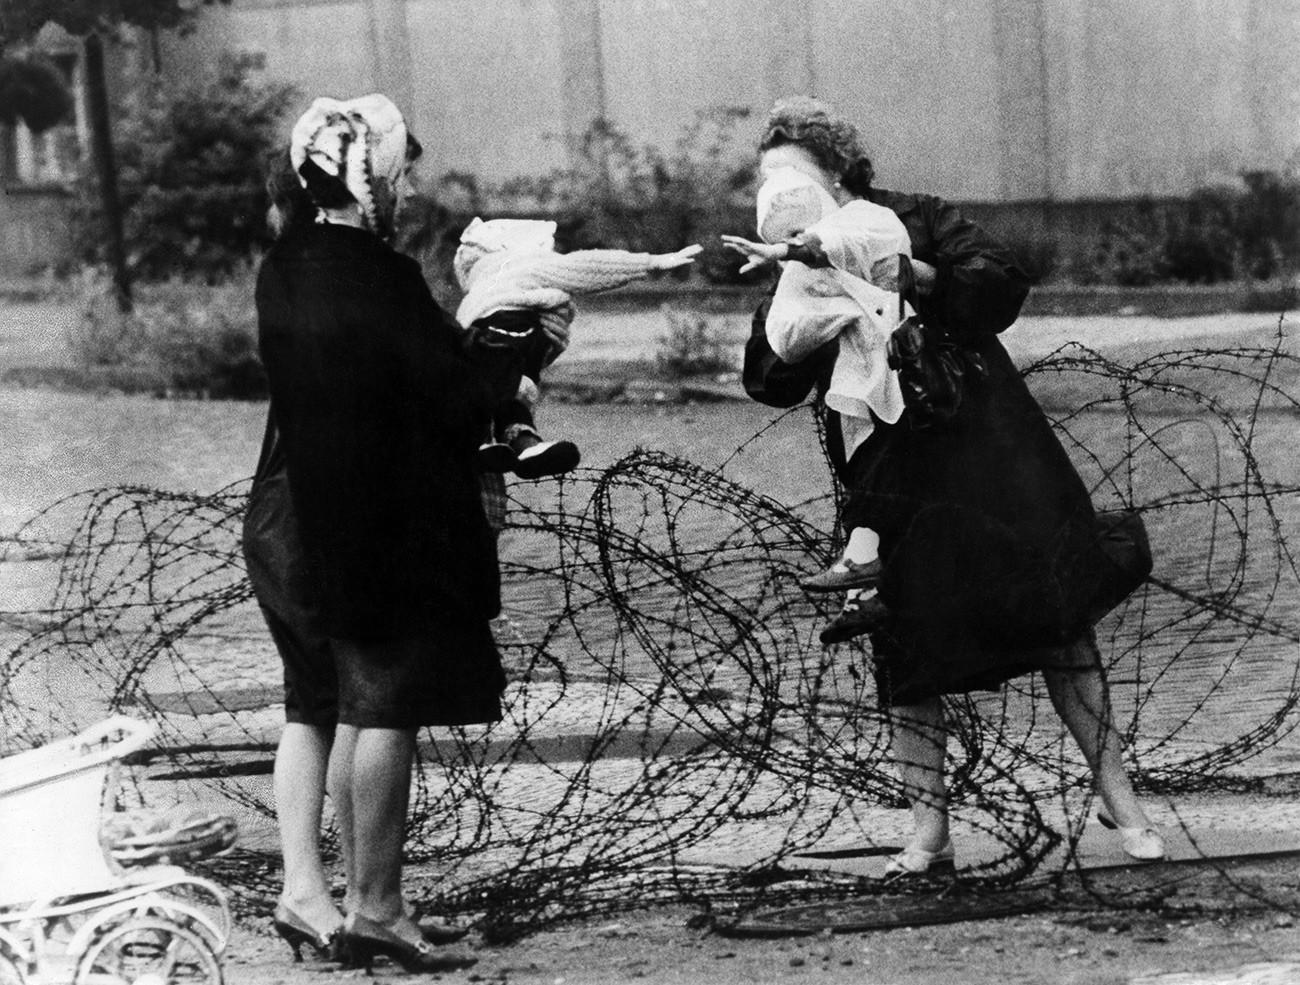 Ibu dengan anak dipisahkan oleh kawat berduri di Berlin, Agustus 1961.